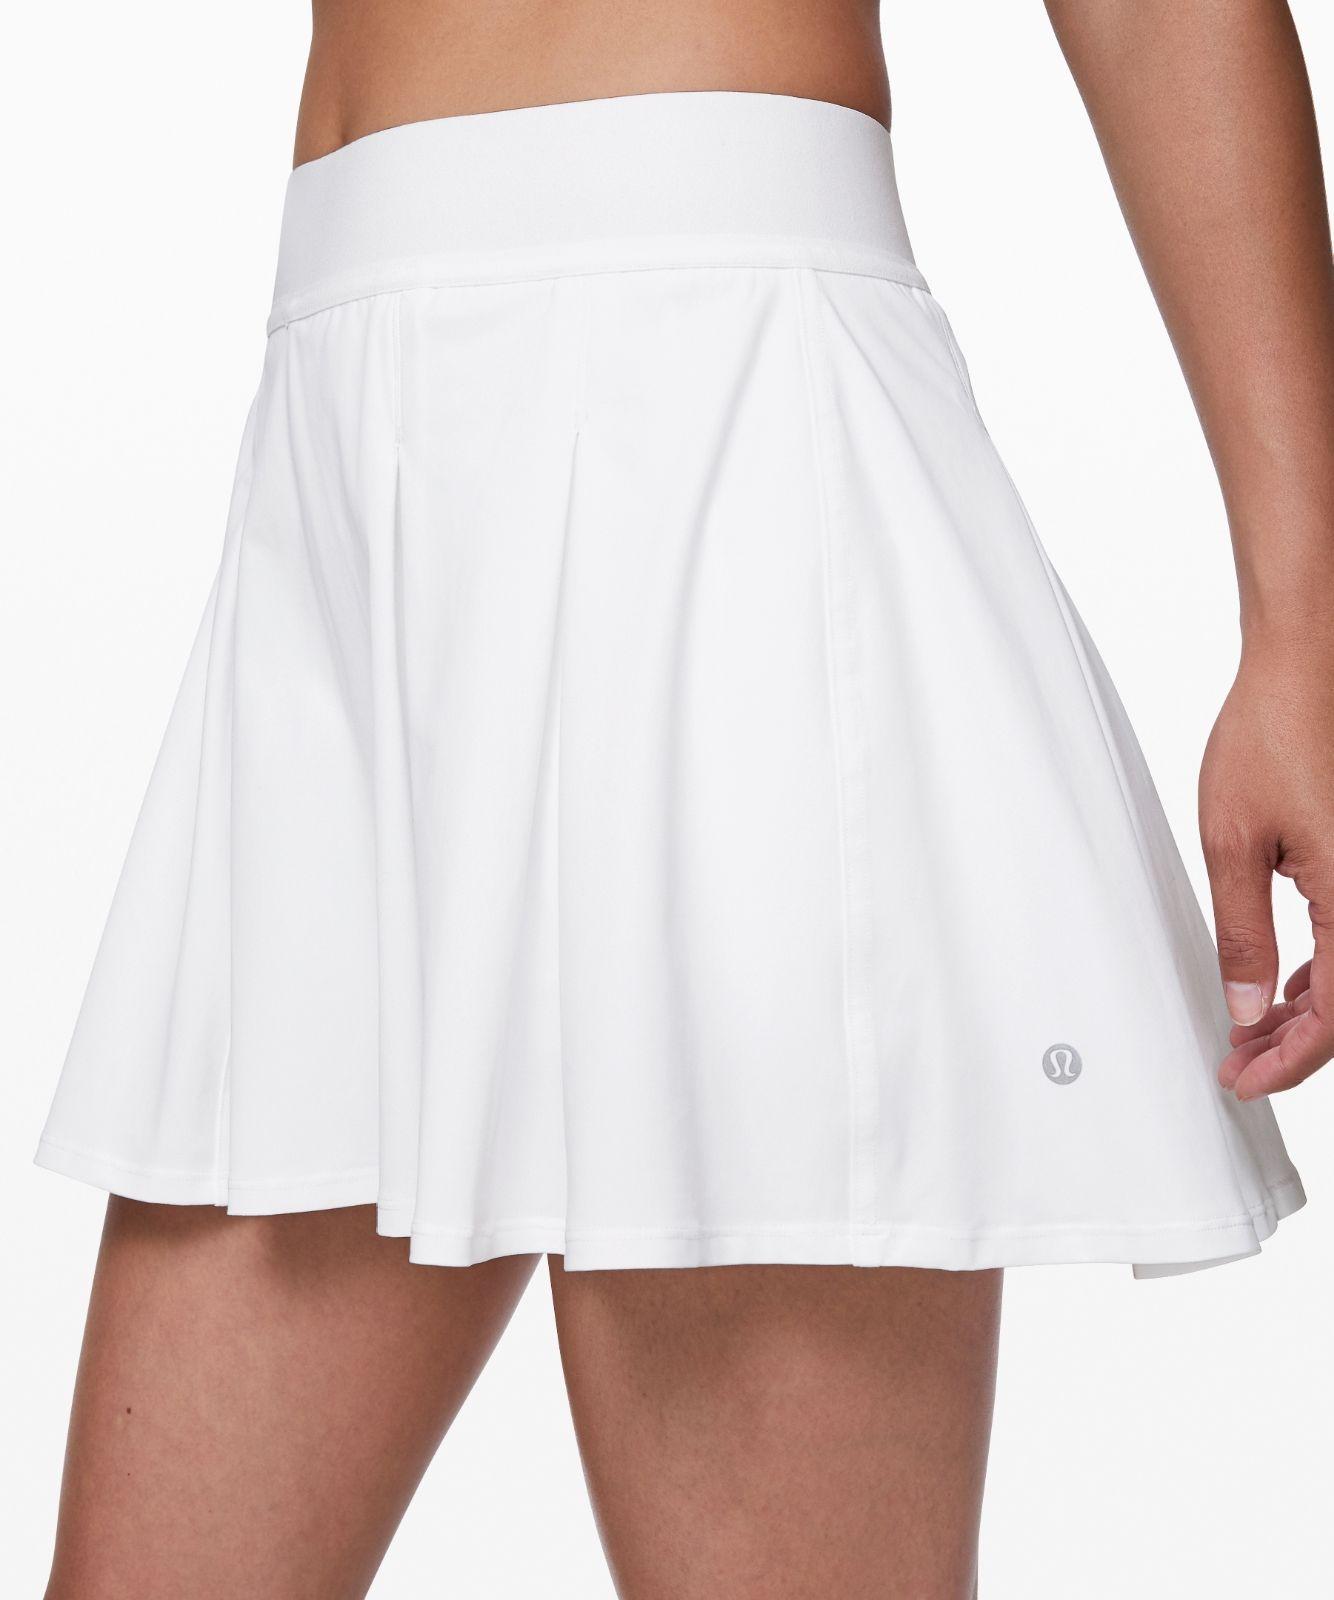 Tennis Time Skirt 15 Lululemon Eu In 2020 Workout Skirt Outfit Tennis Outfit Women Tennis Skirt Outfit